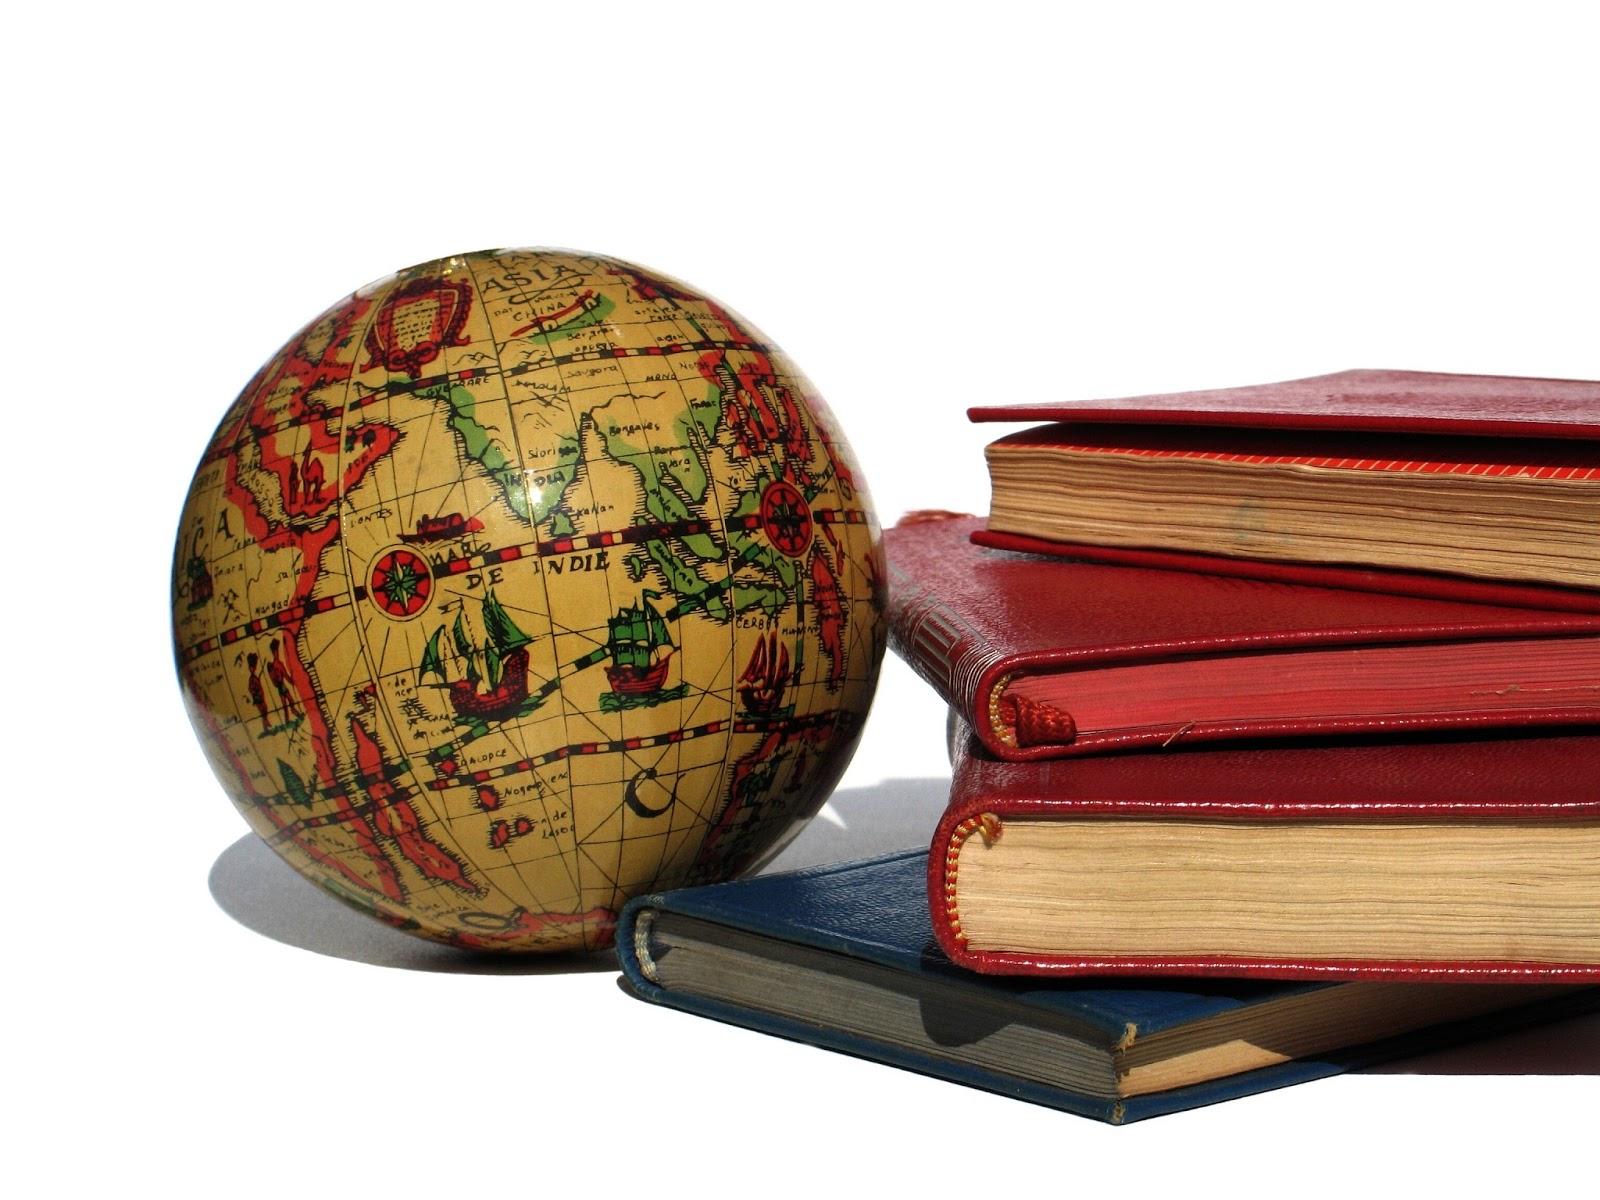 social_studies_estudios_ sociales_colegio montessori_inspiracion_montessori